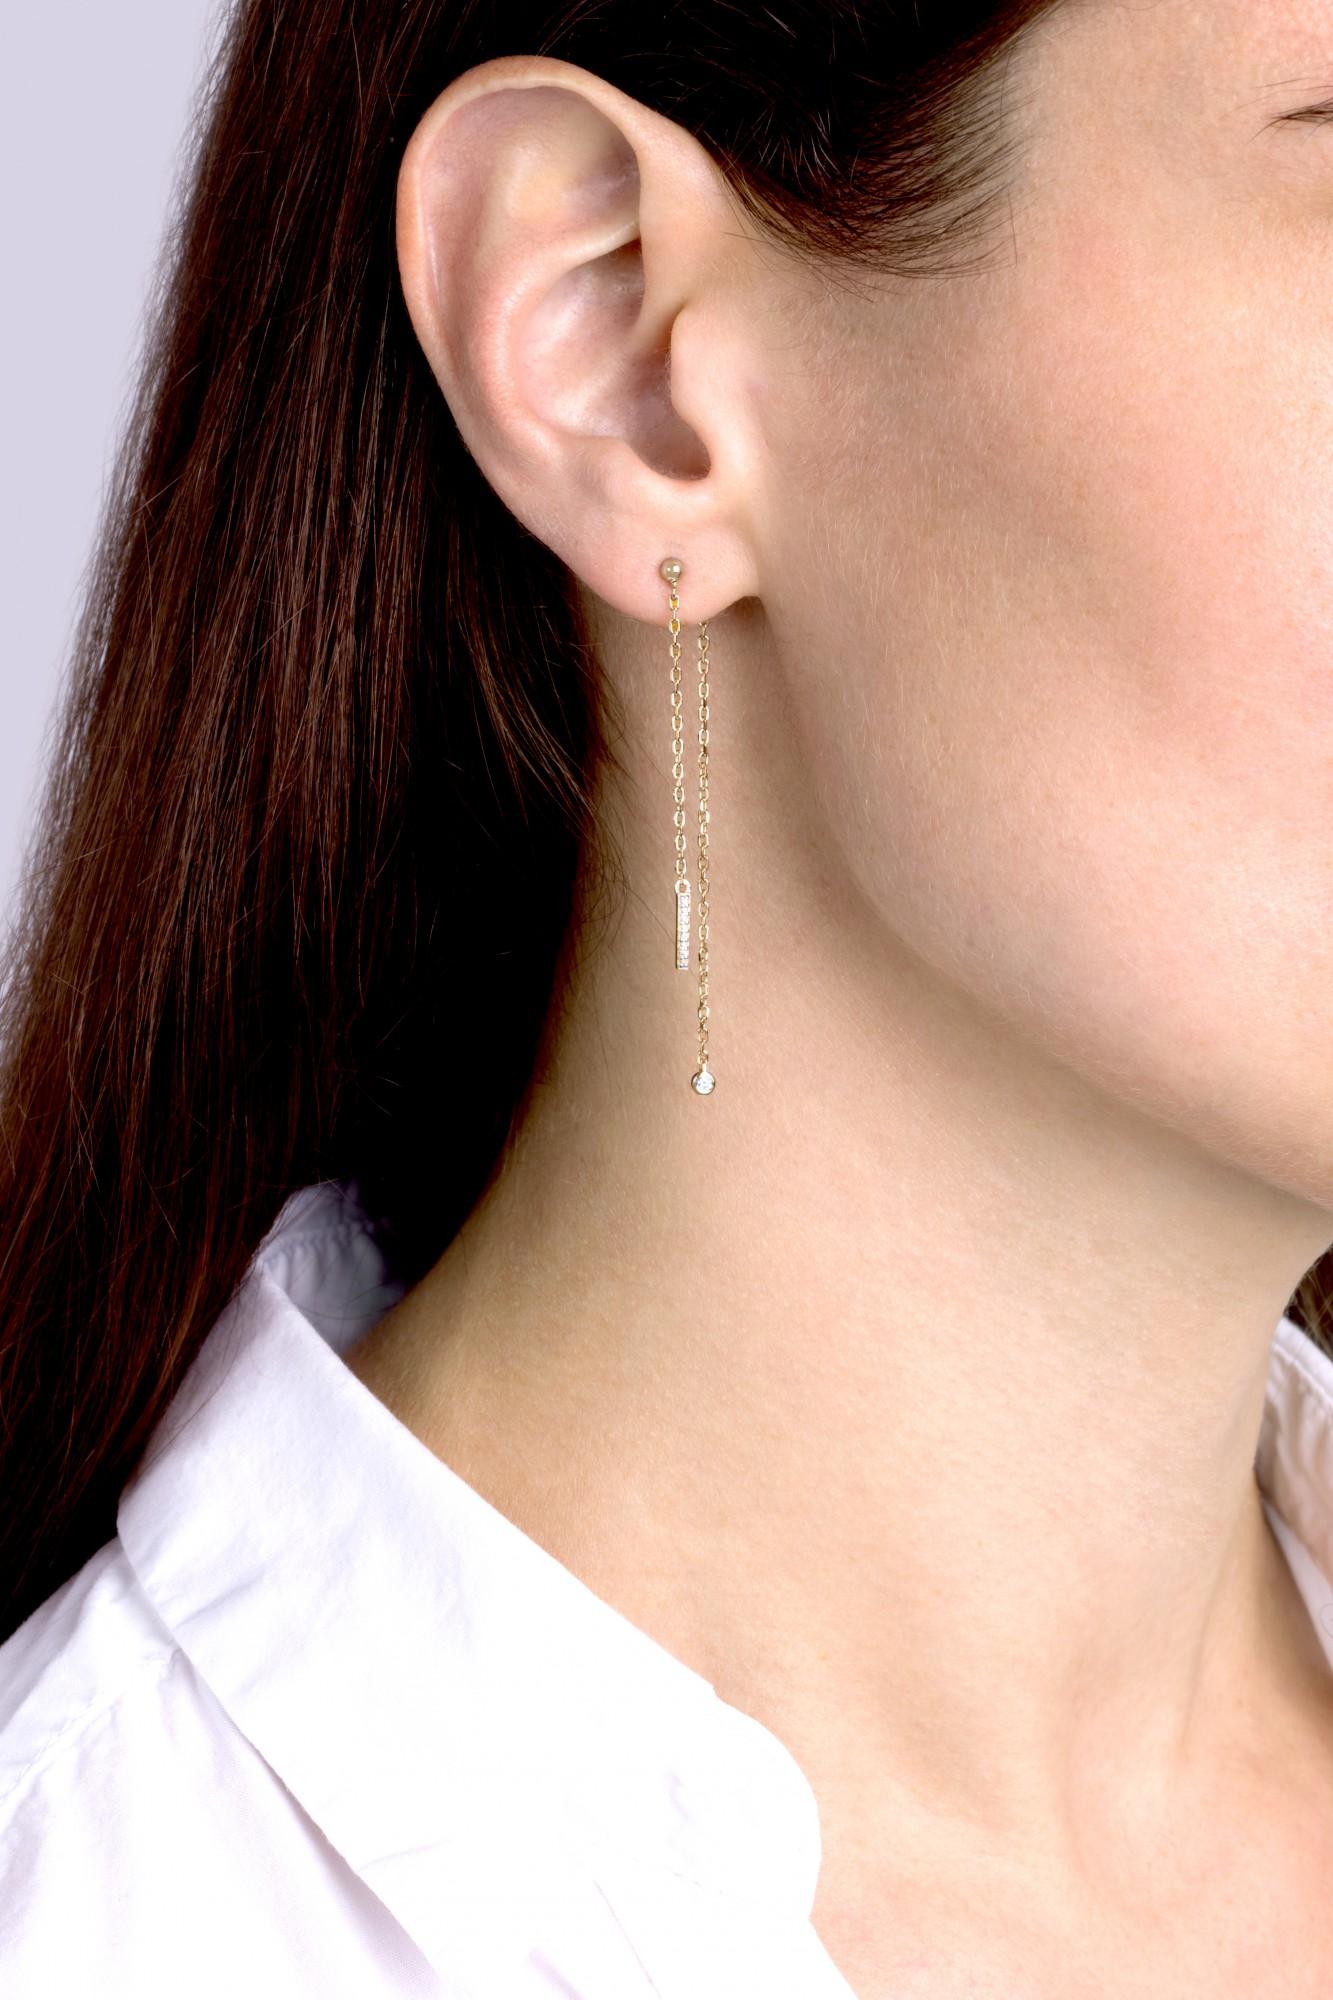 Boucles d'oreilles Plaqué Or jaune Femme La Garçonne Diamant